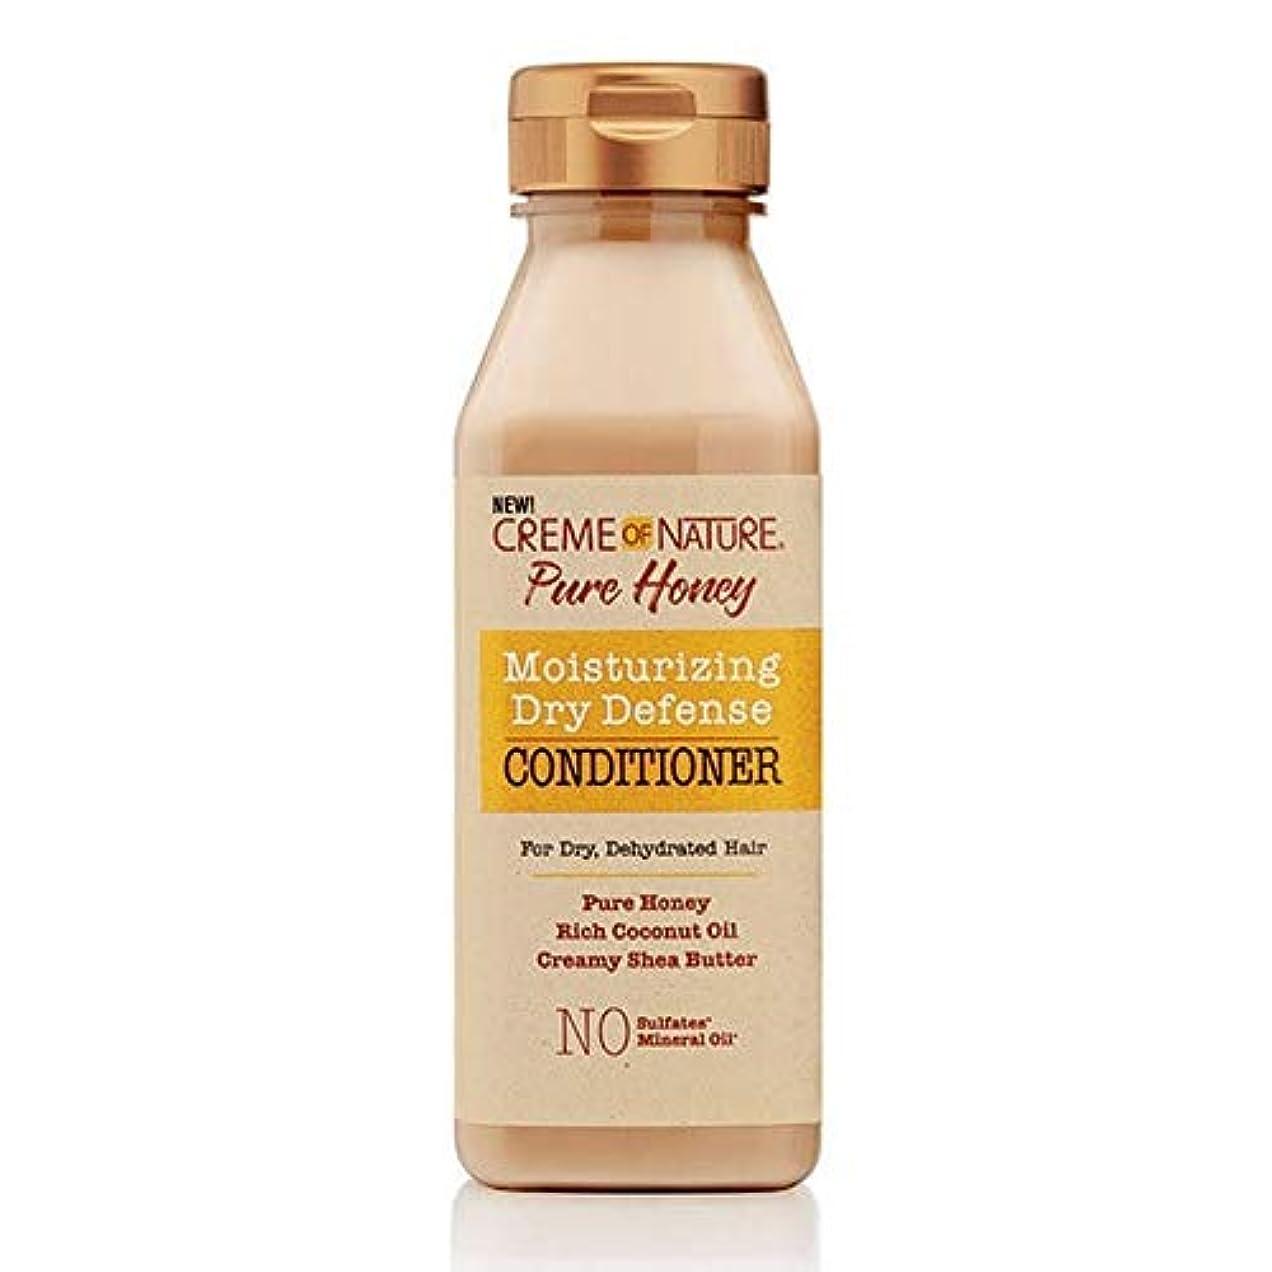 ポテト黒アストロラーベ[Creme of Nature ] 自然の純粋蜂蜜ドライ防衛コンディショナー355ミリリットルのクリーム - Creme of Nature Pure Honey Dry Defence Conditioner 355ml...